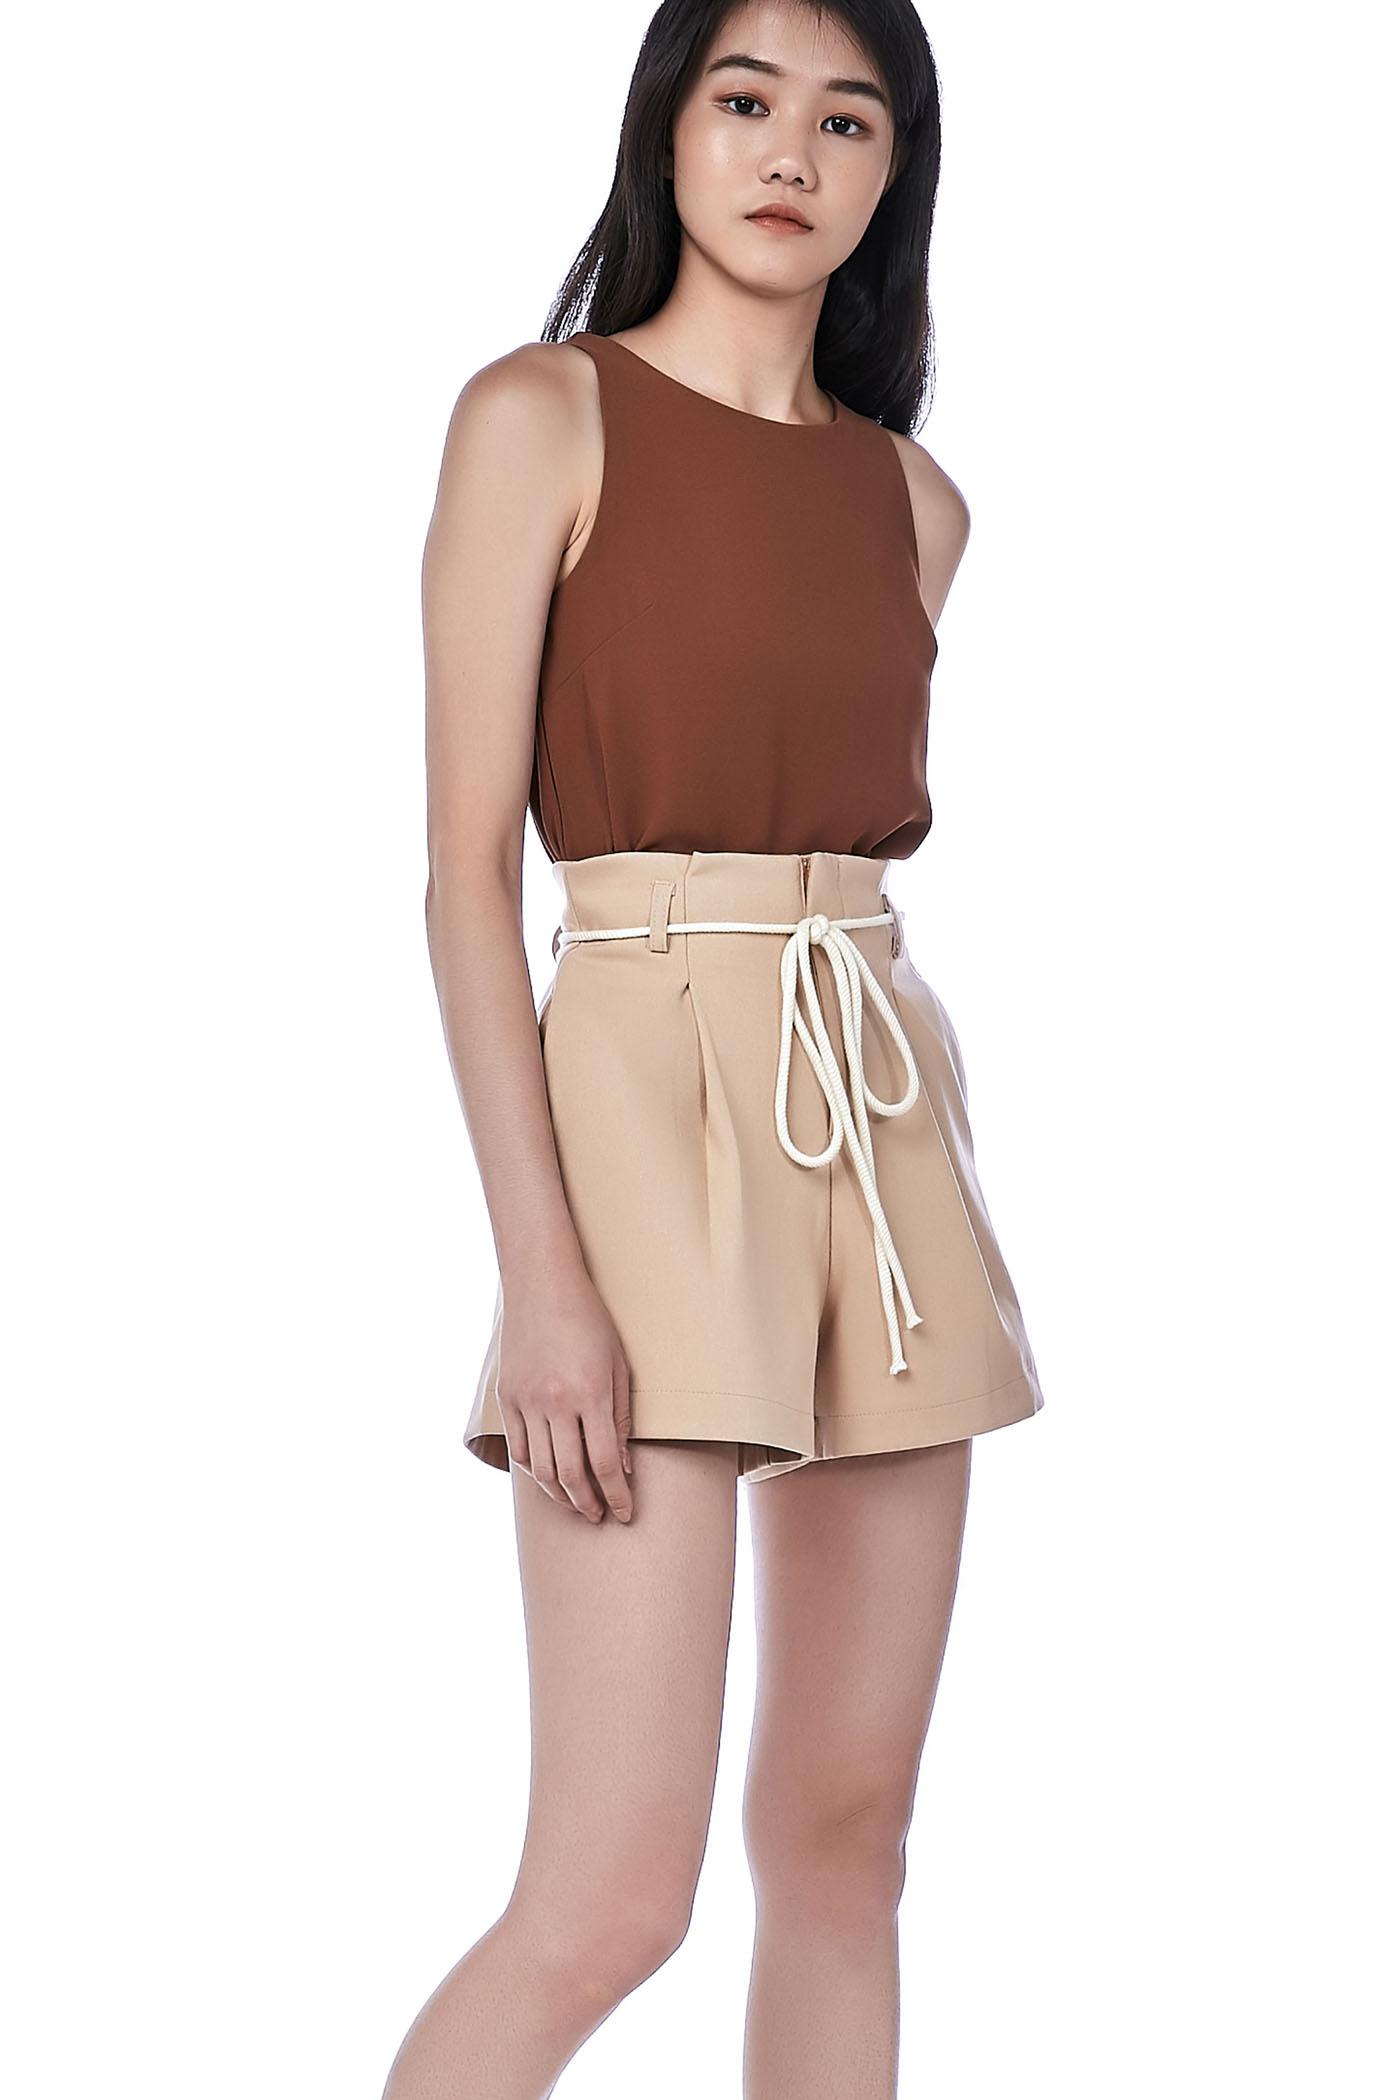 Kydo Paperbag Shorts